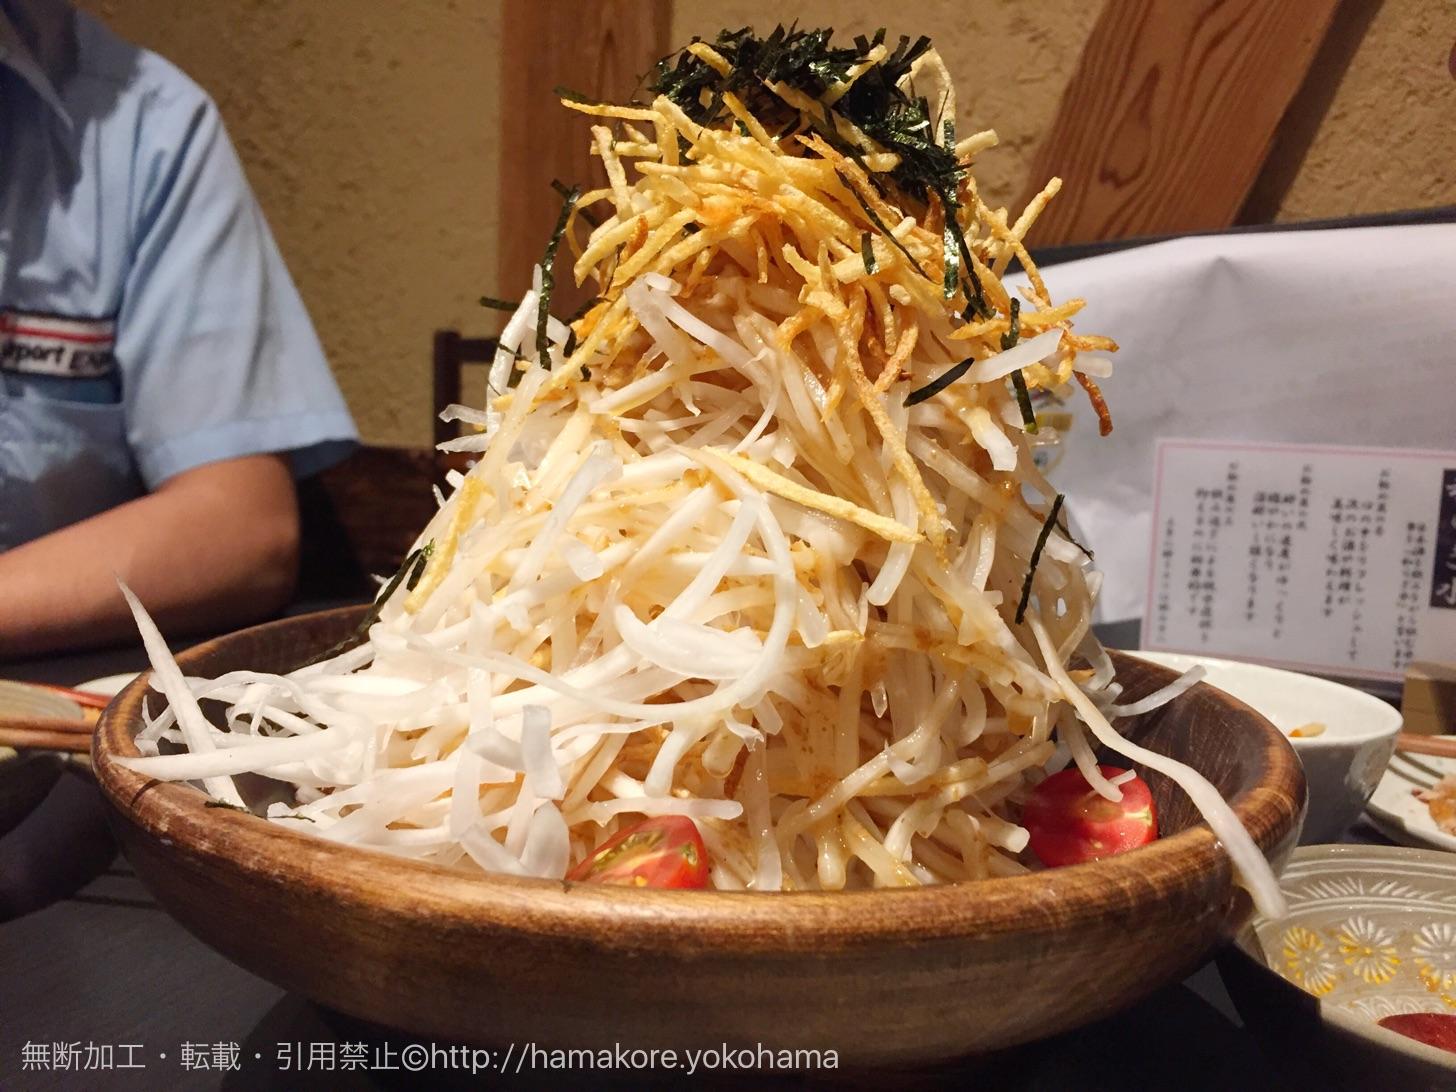 大根とポテトのシャキシャキサラダ